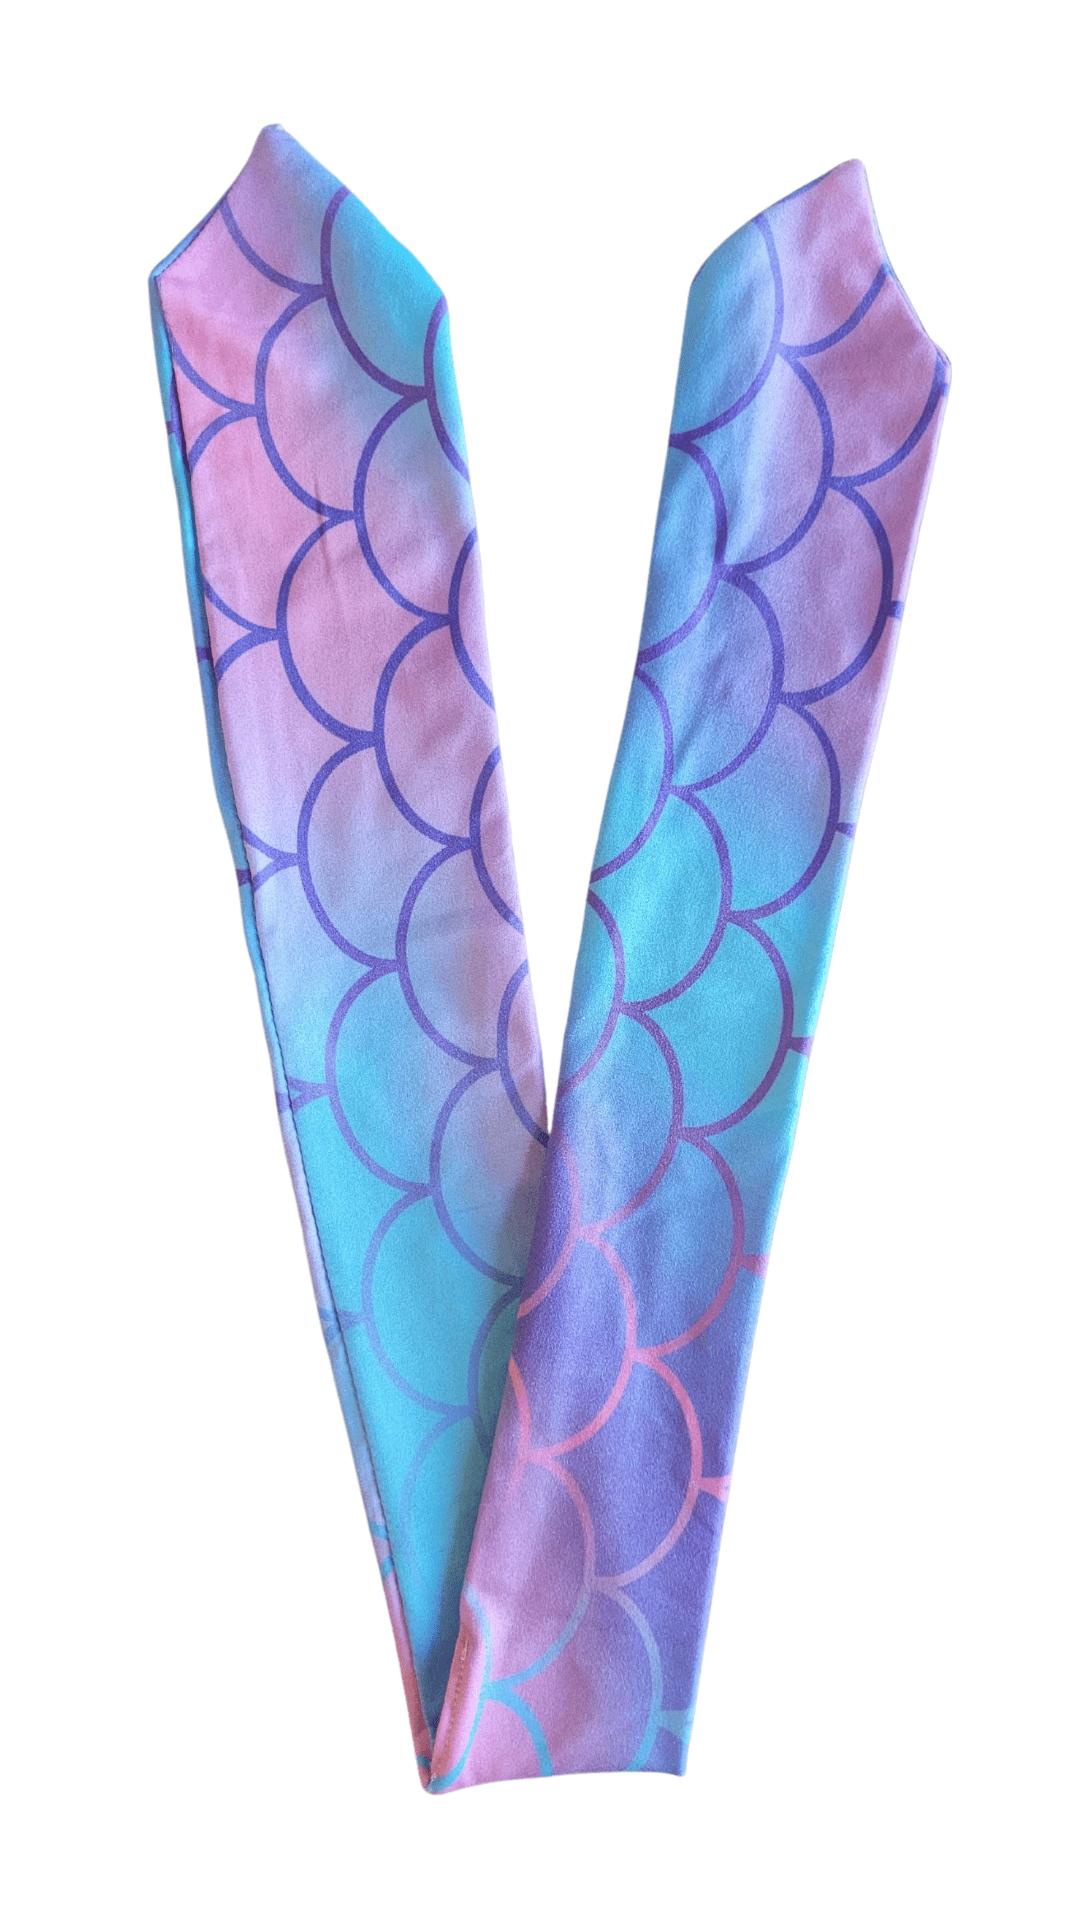 Pearlescent Mermaid Printed Tie Up Band